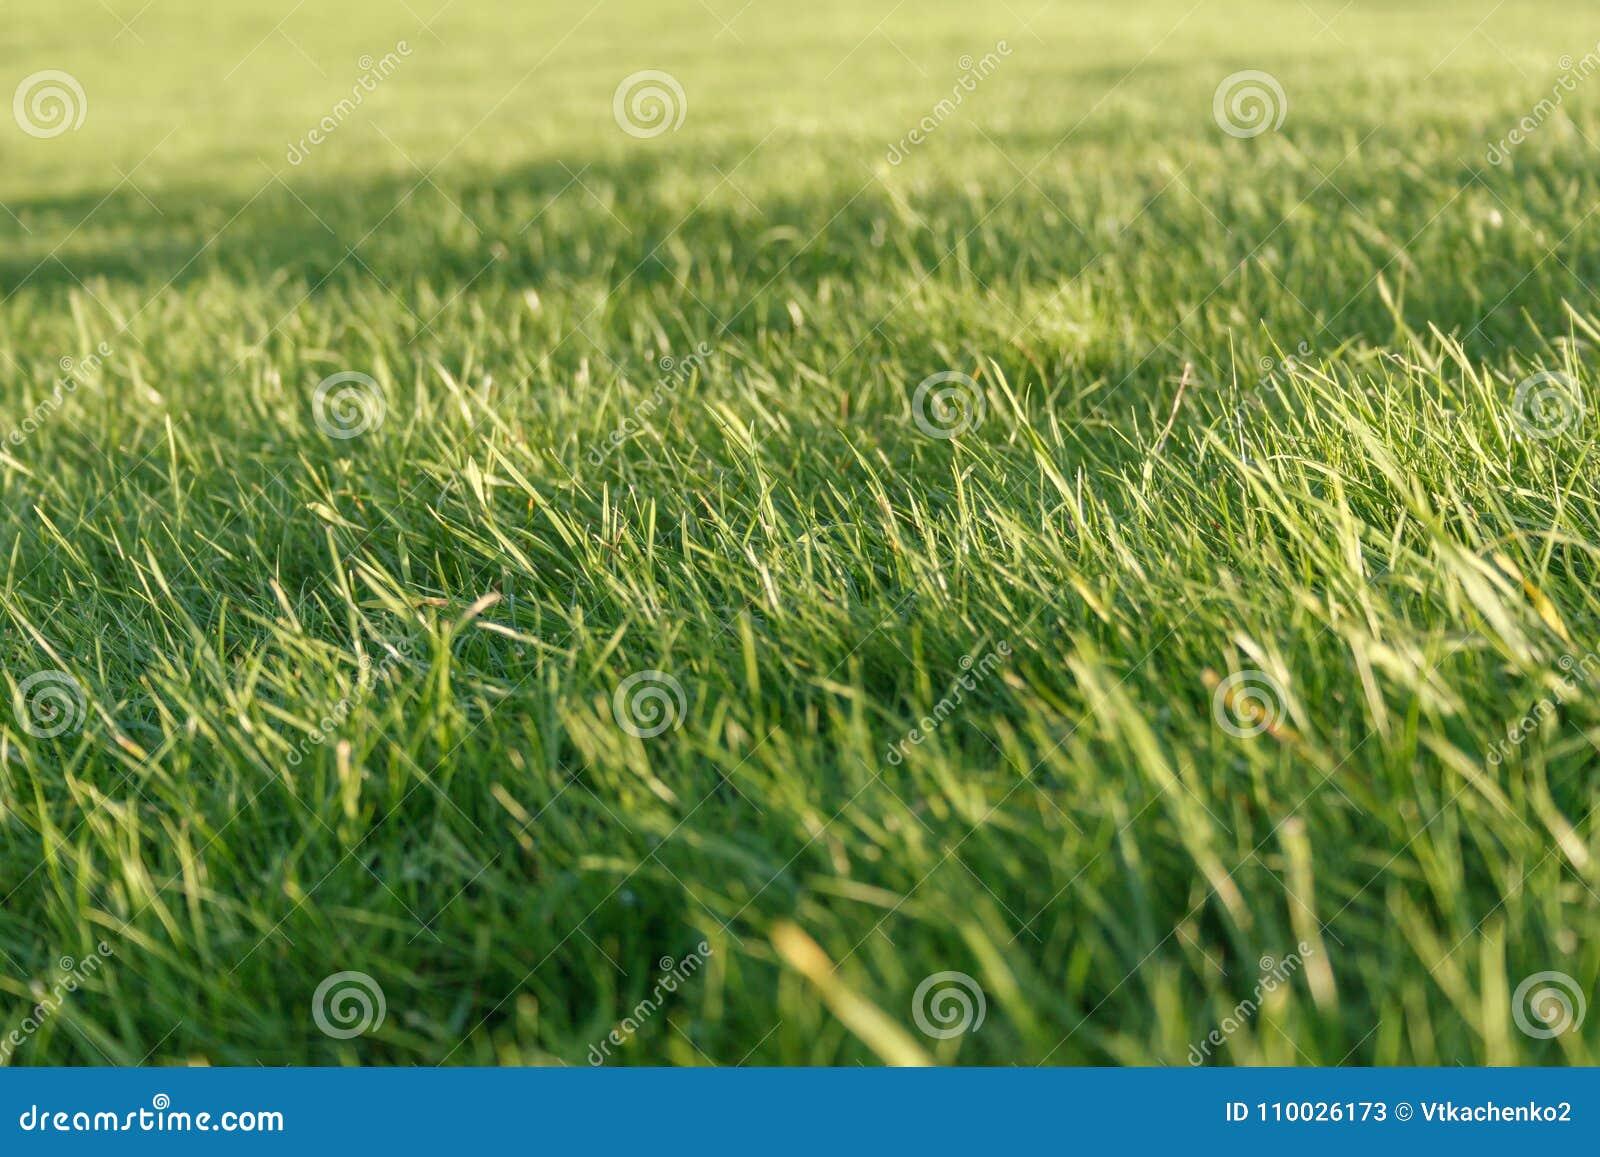 Verse groene grasachtergrond